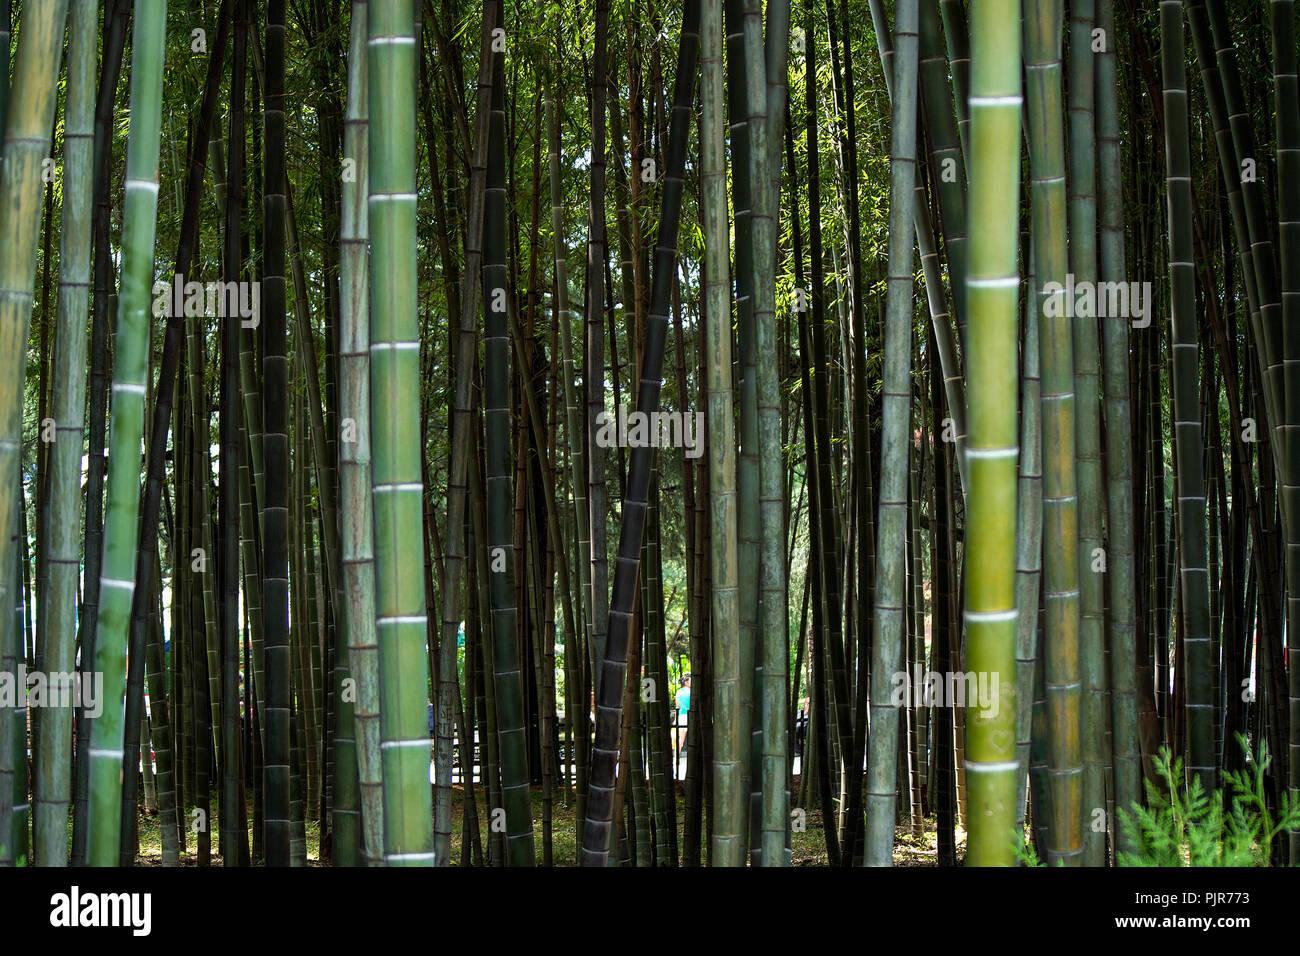 Tief In Einem Bambuswald Der Dicke Grune Bambus Amtsleitungen